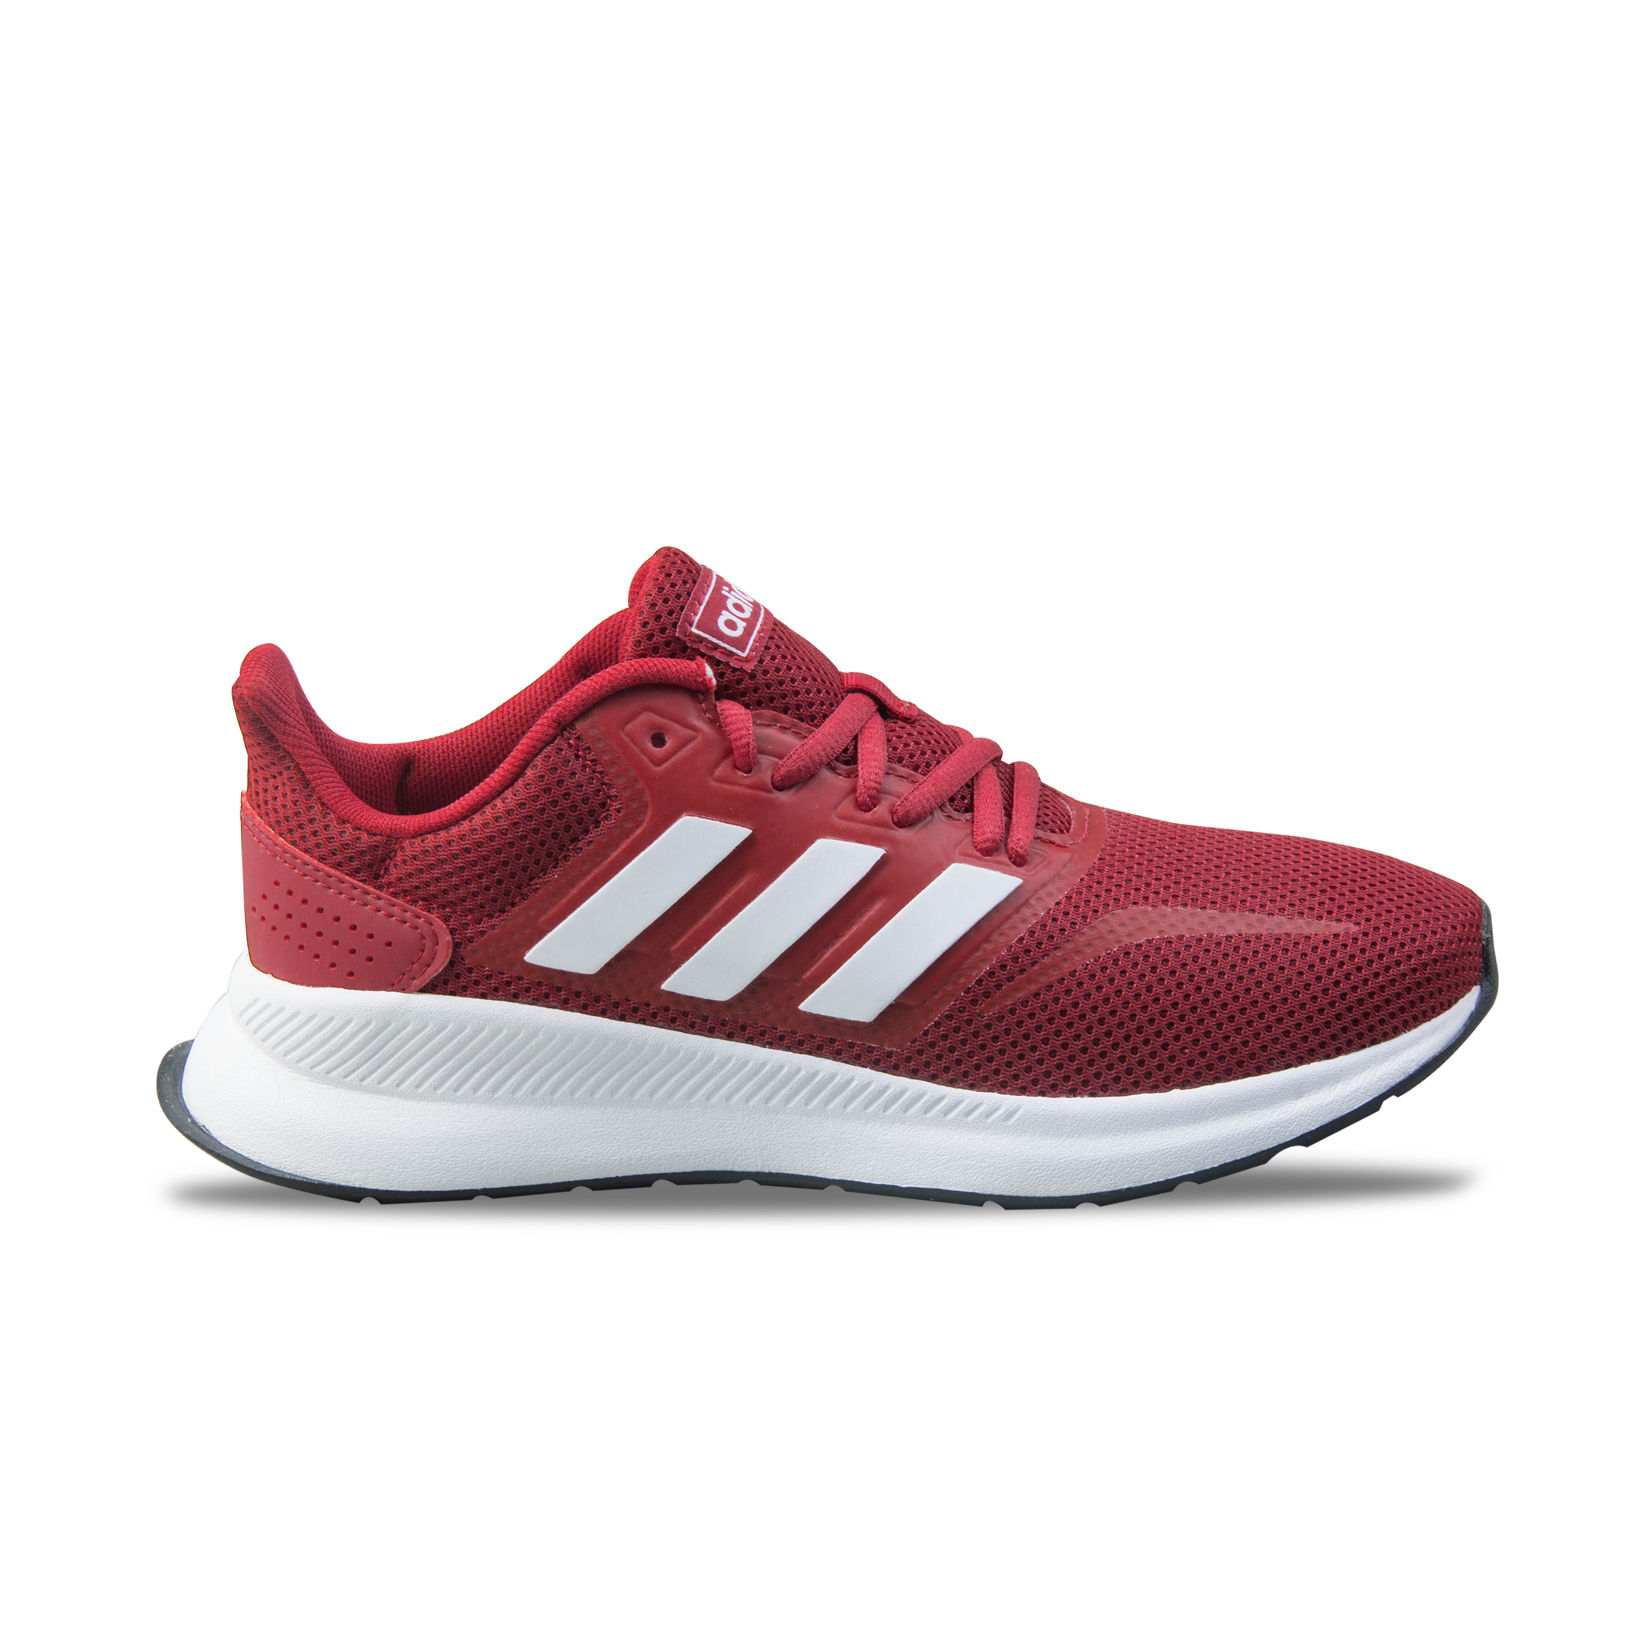 Adidas Runfalcon J Maroon